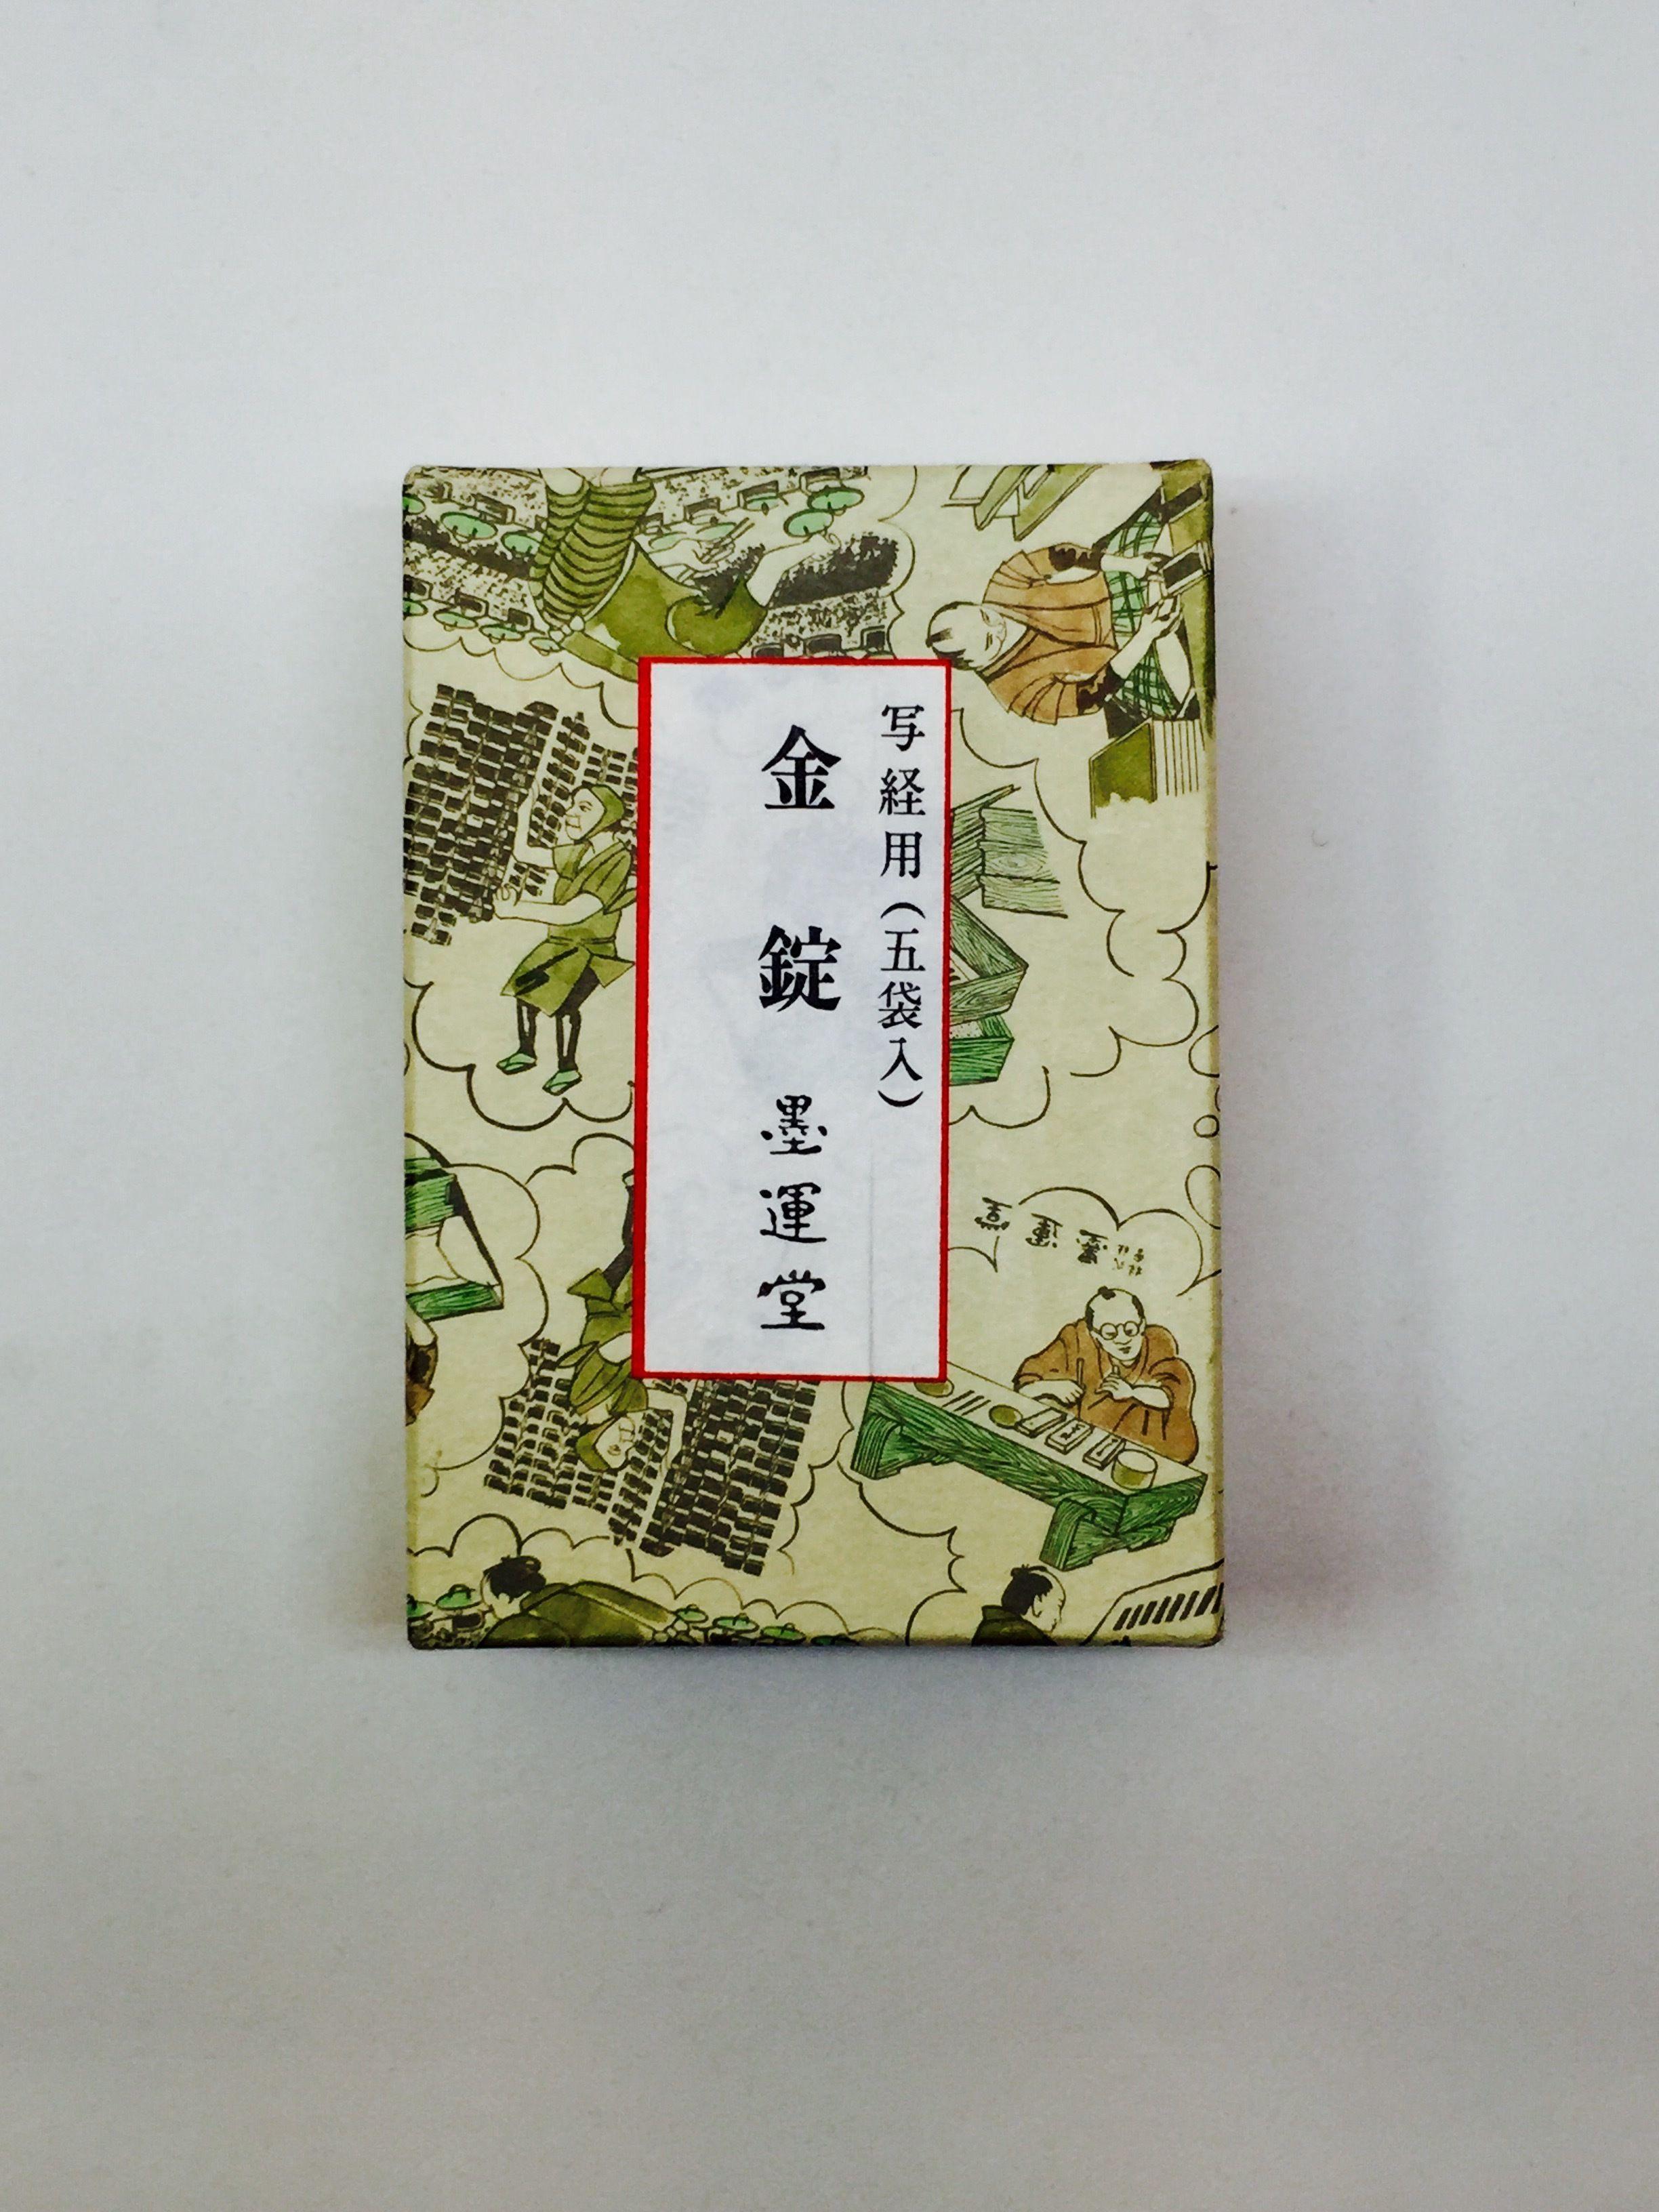 墨運堂 写経用 金錠1袋(5錠入)